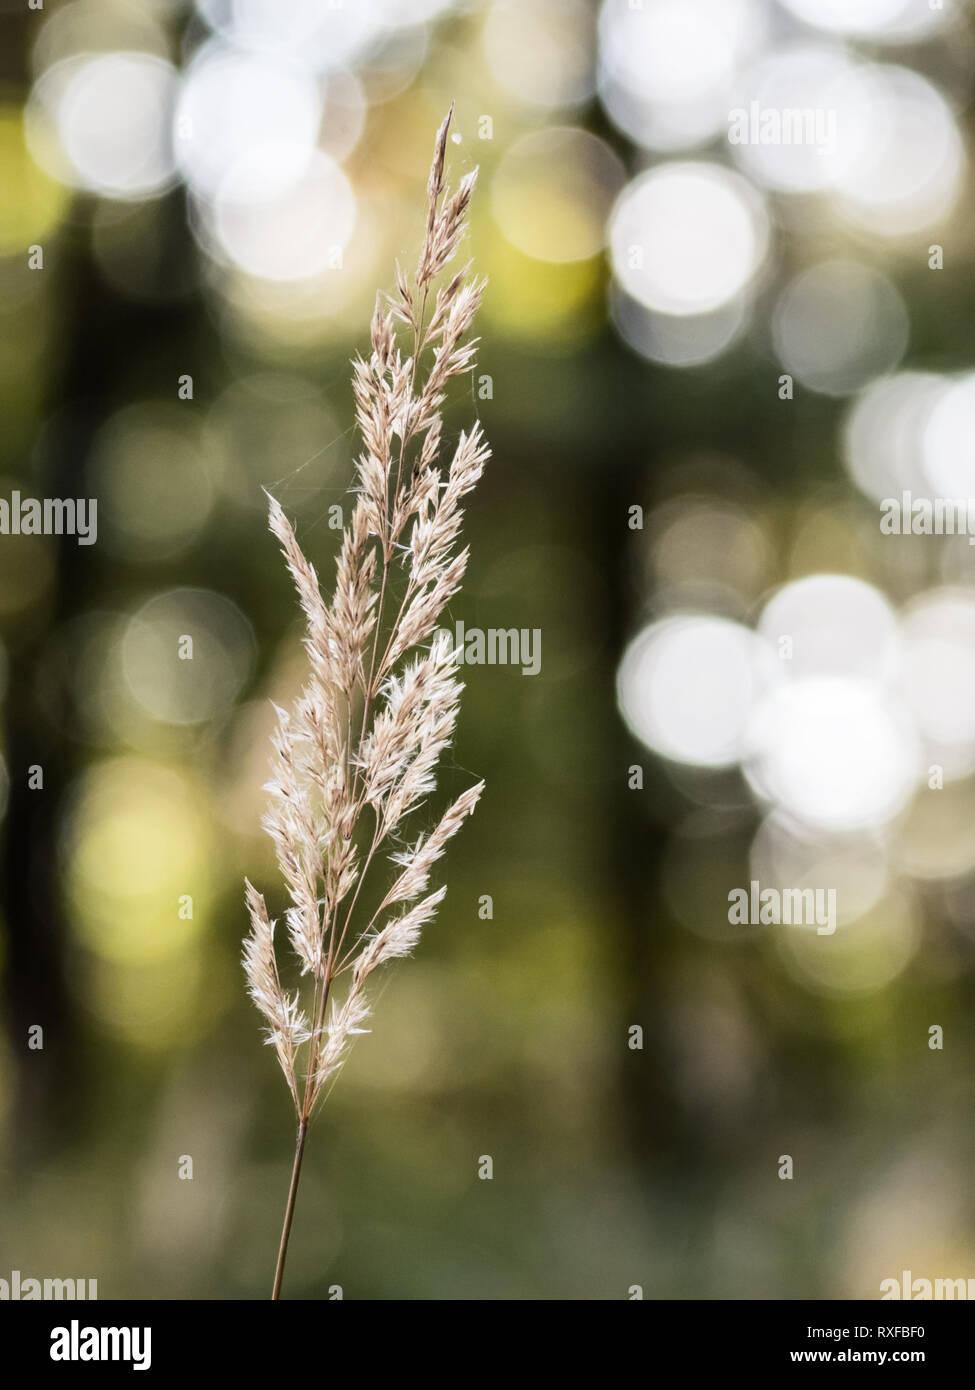 Grashalm im Sonnenlicht mit schönem Blasen Bokeh als Hintergrund - Stock Image